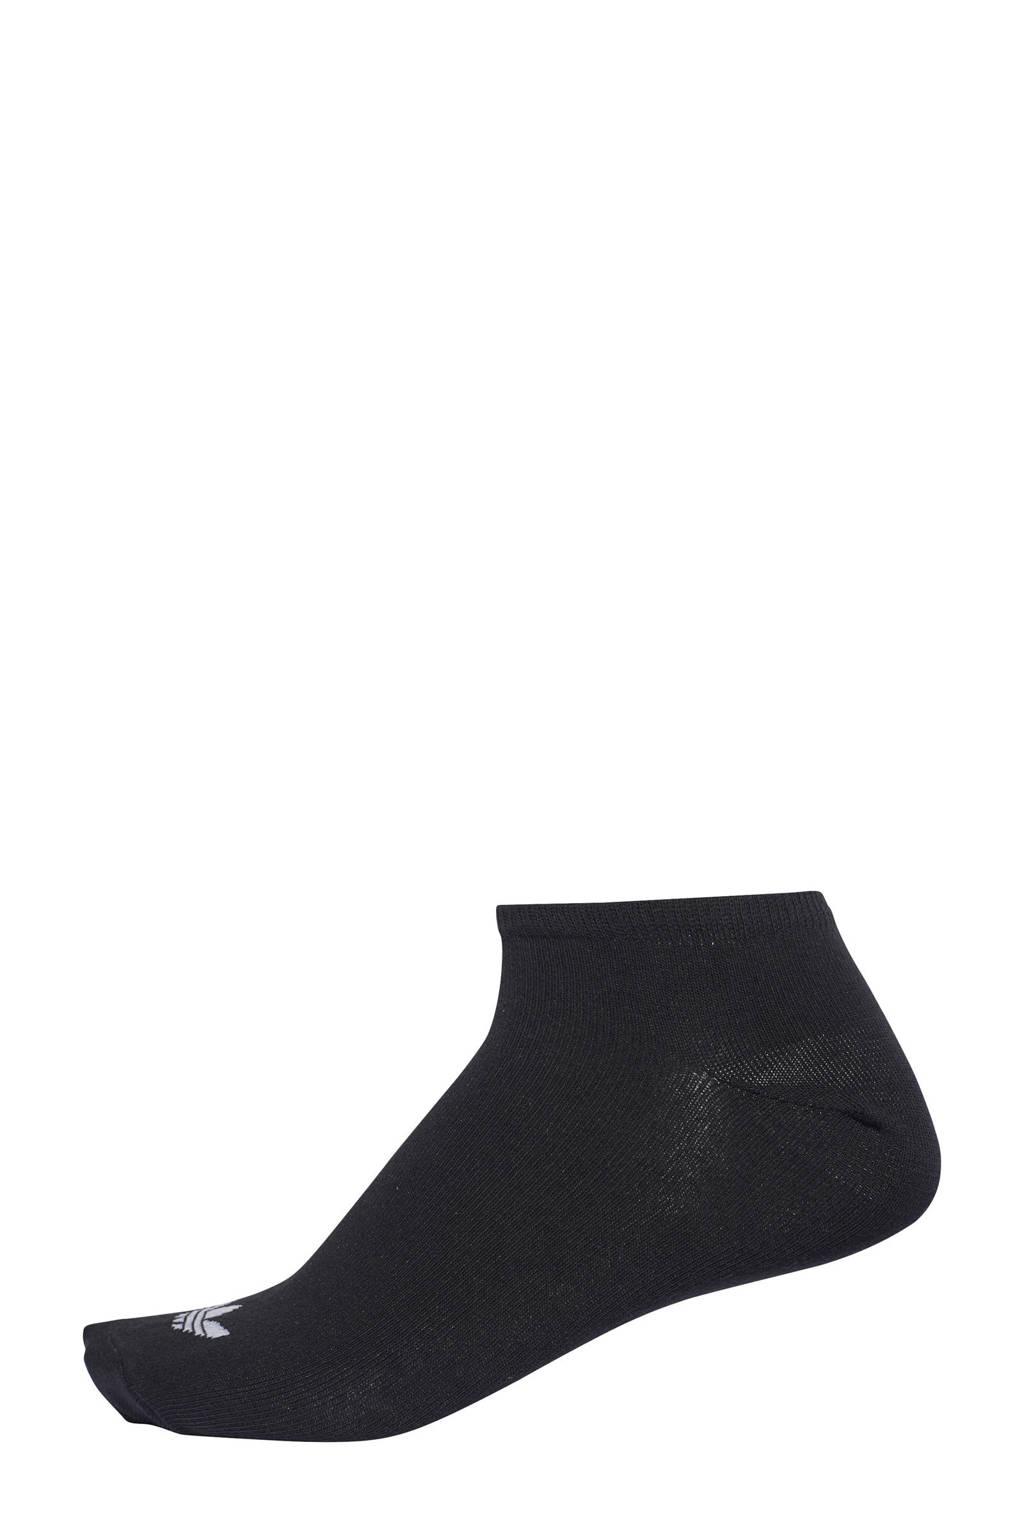 adidas Originals sneakersokken - set van 2 zwart, zwart/ wit